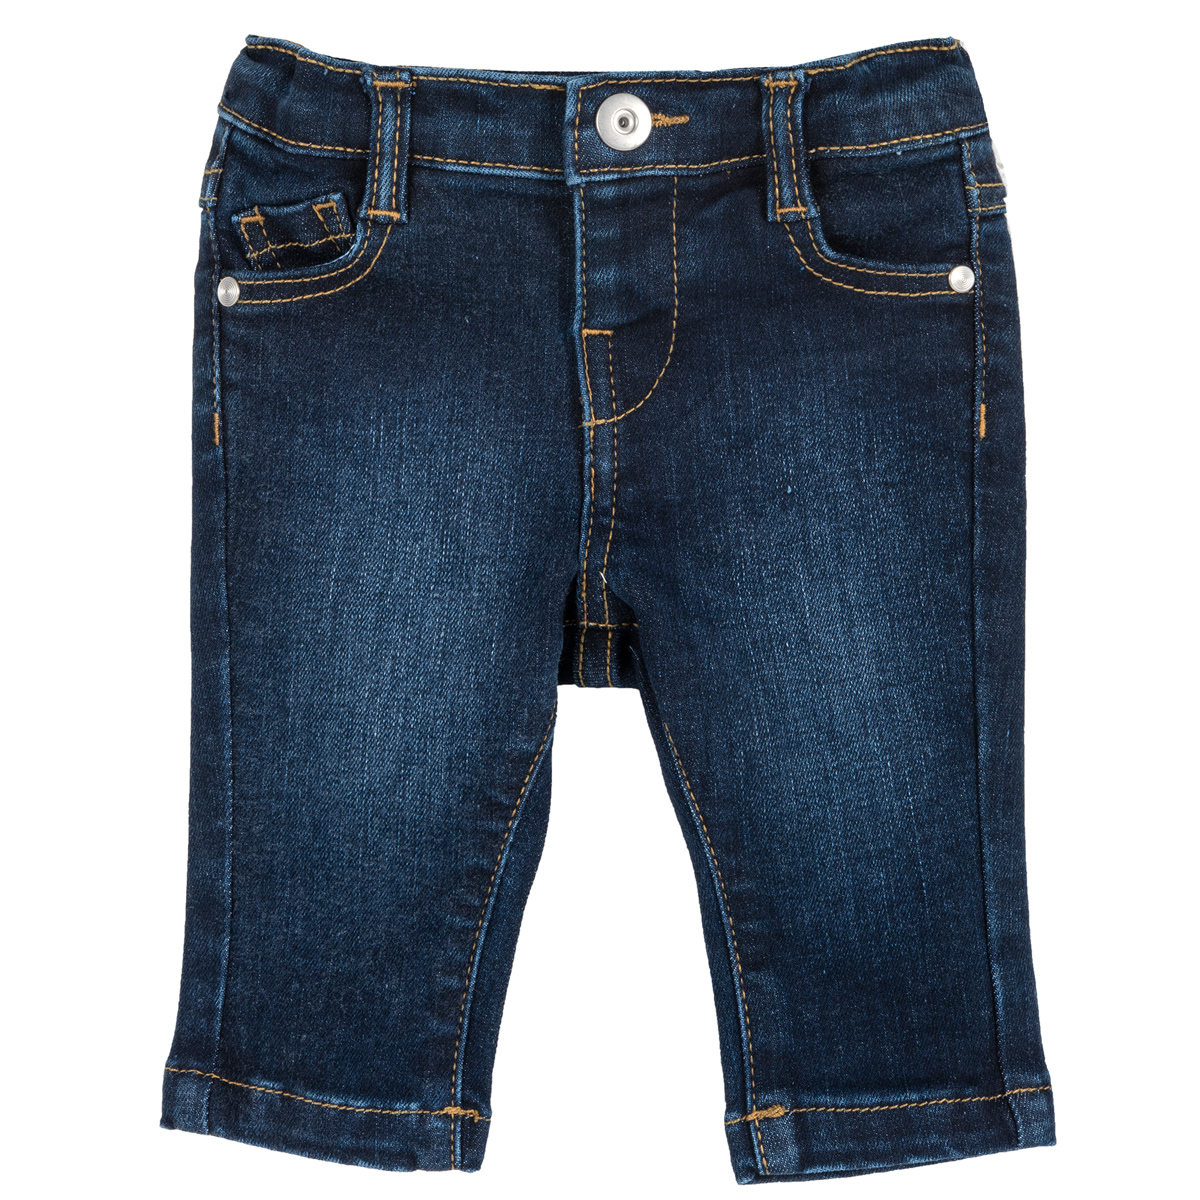 Pantalon Lung Copii Chicco, Denim Elastic, Albastru, 08287 imagine